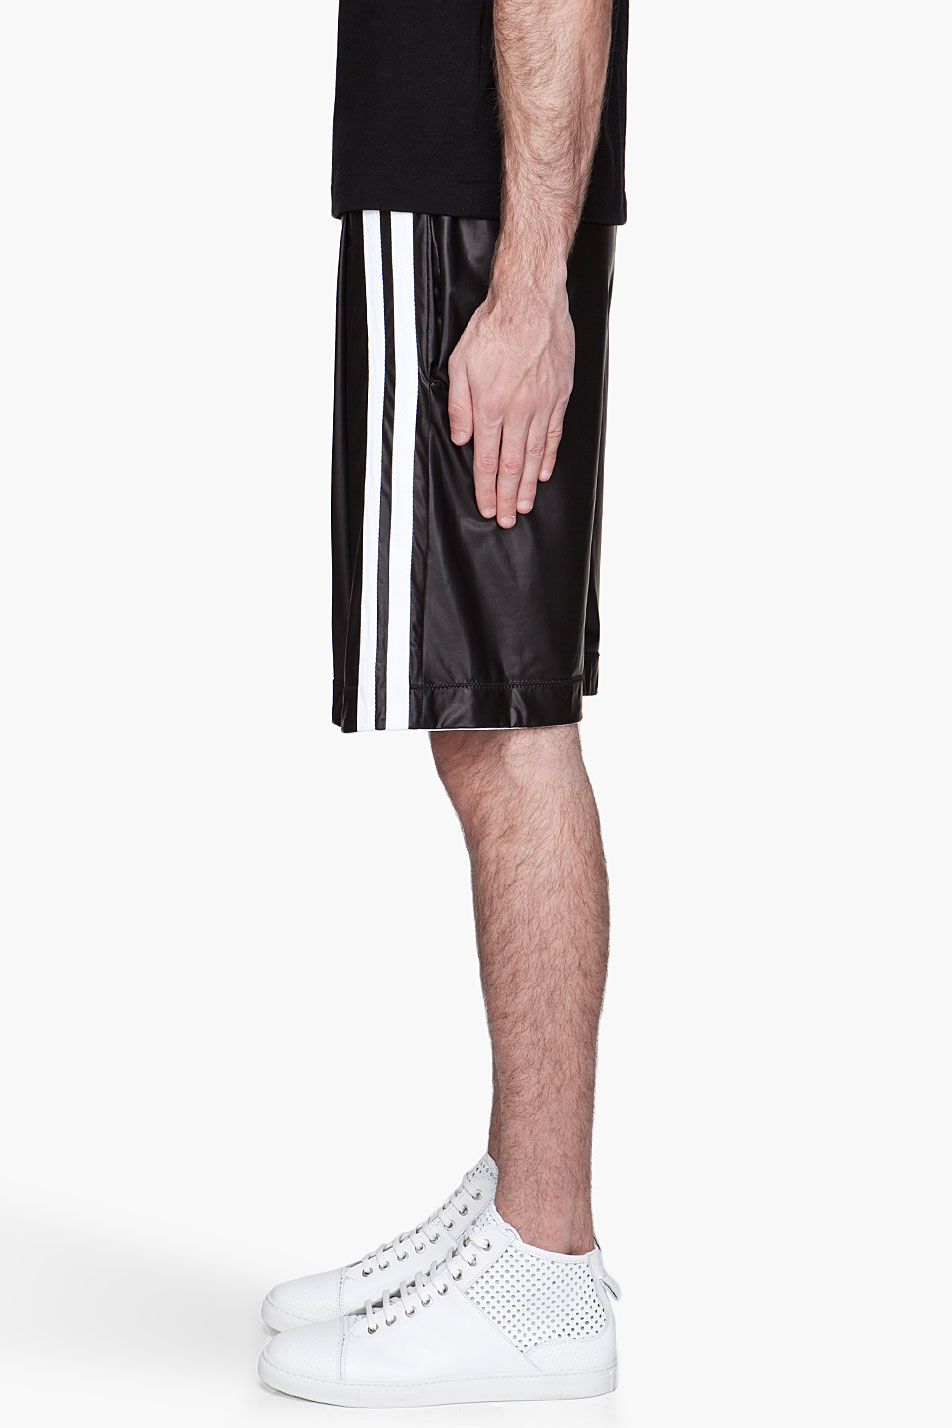 Denis gagnon Black White Striped Basketball Shorts in Black for ...